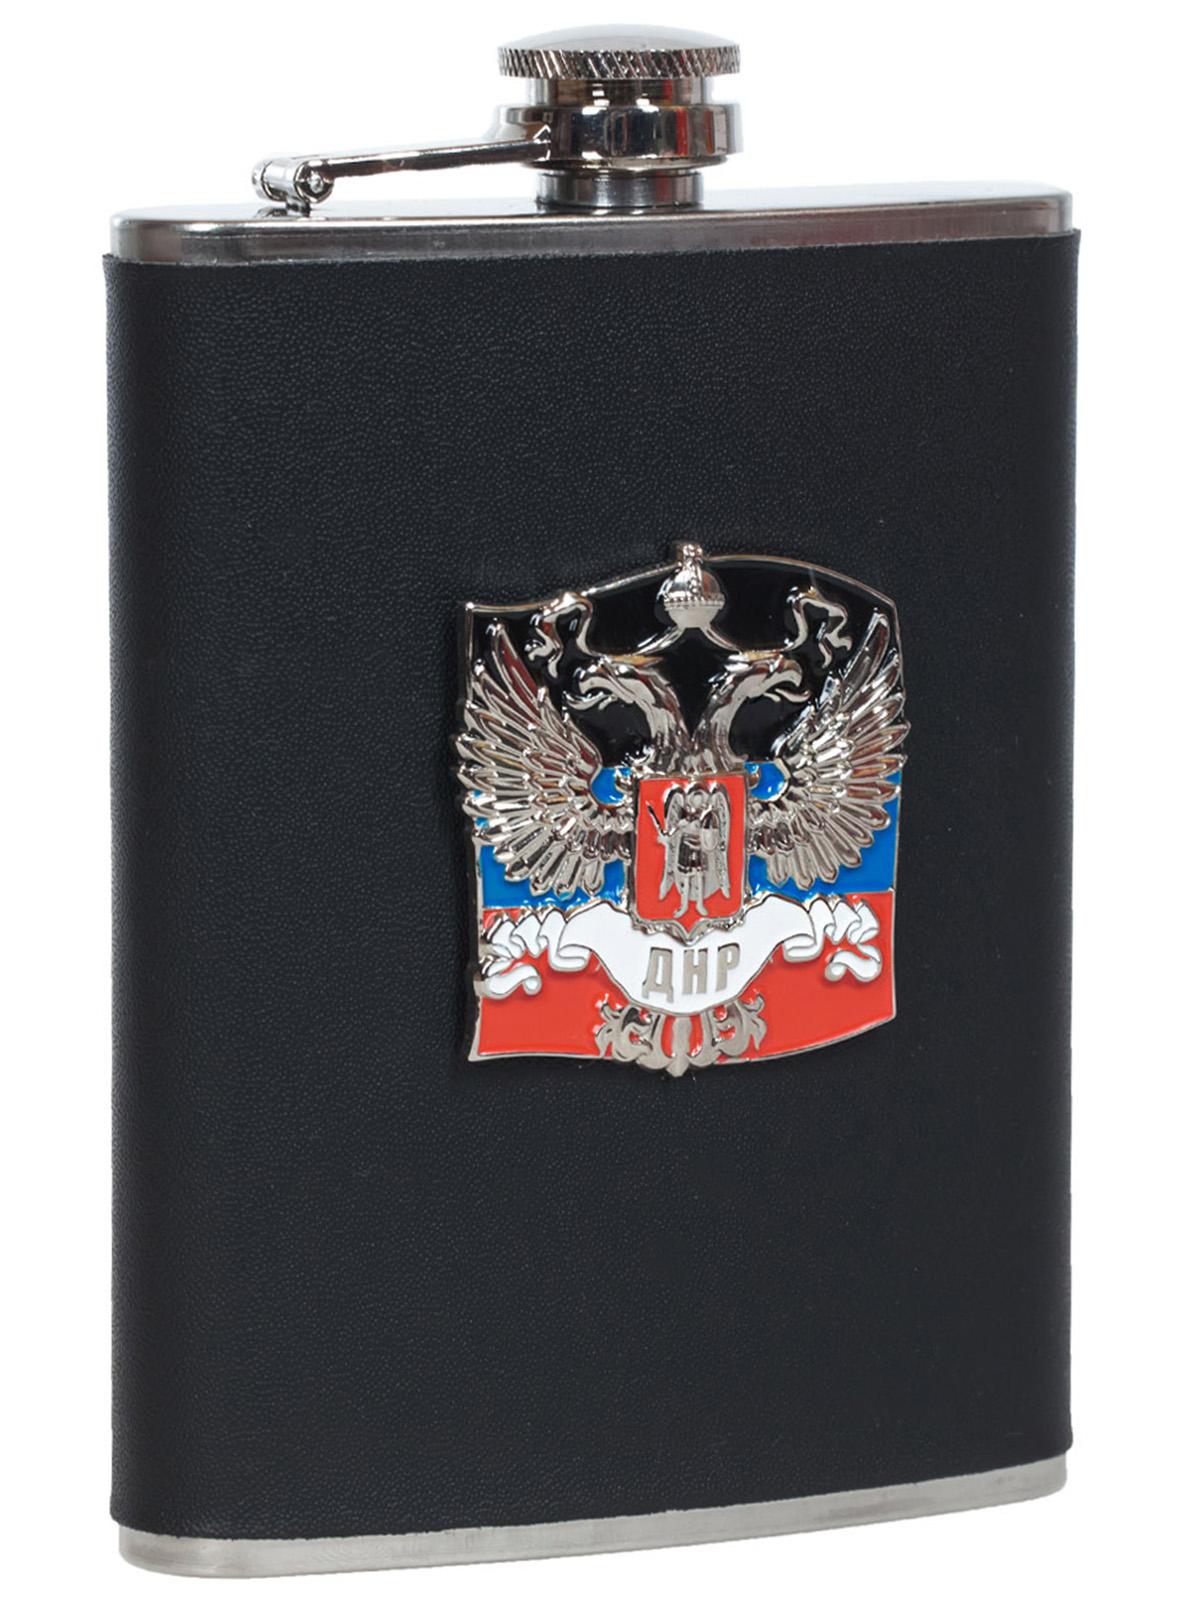 Заказать нержавеющую фляжку ДНР (обтянутая кожей, металлический жетон)